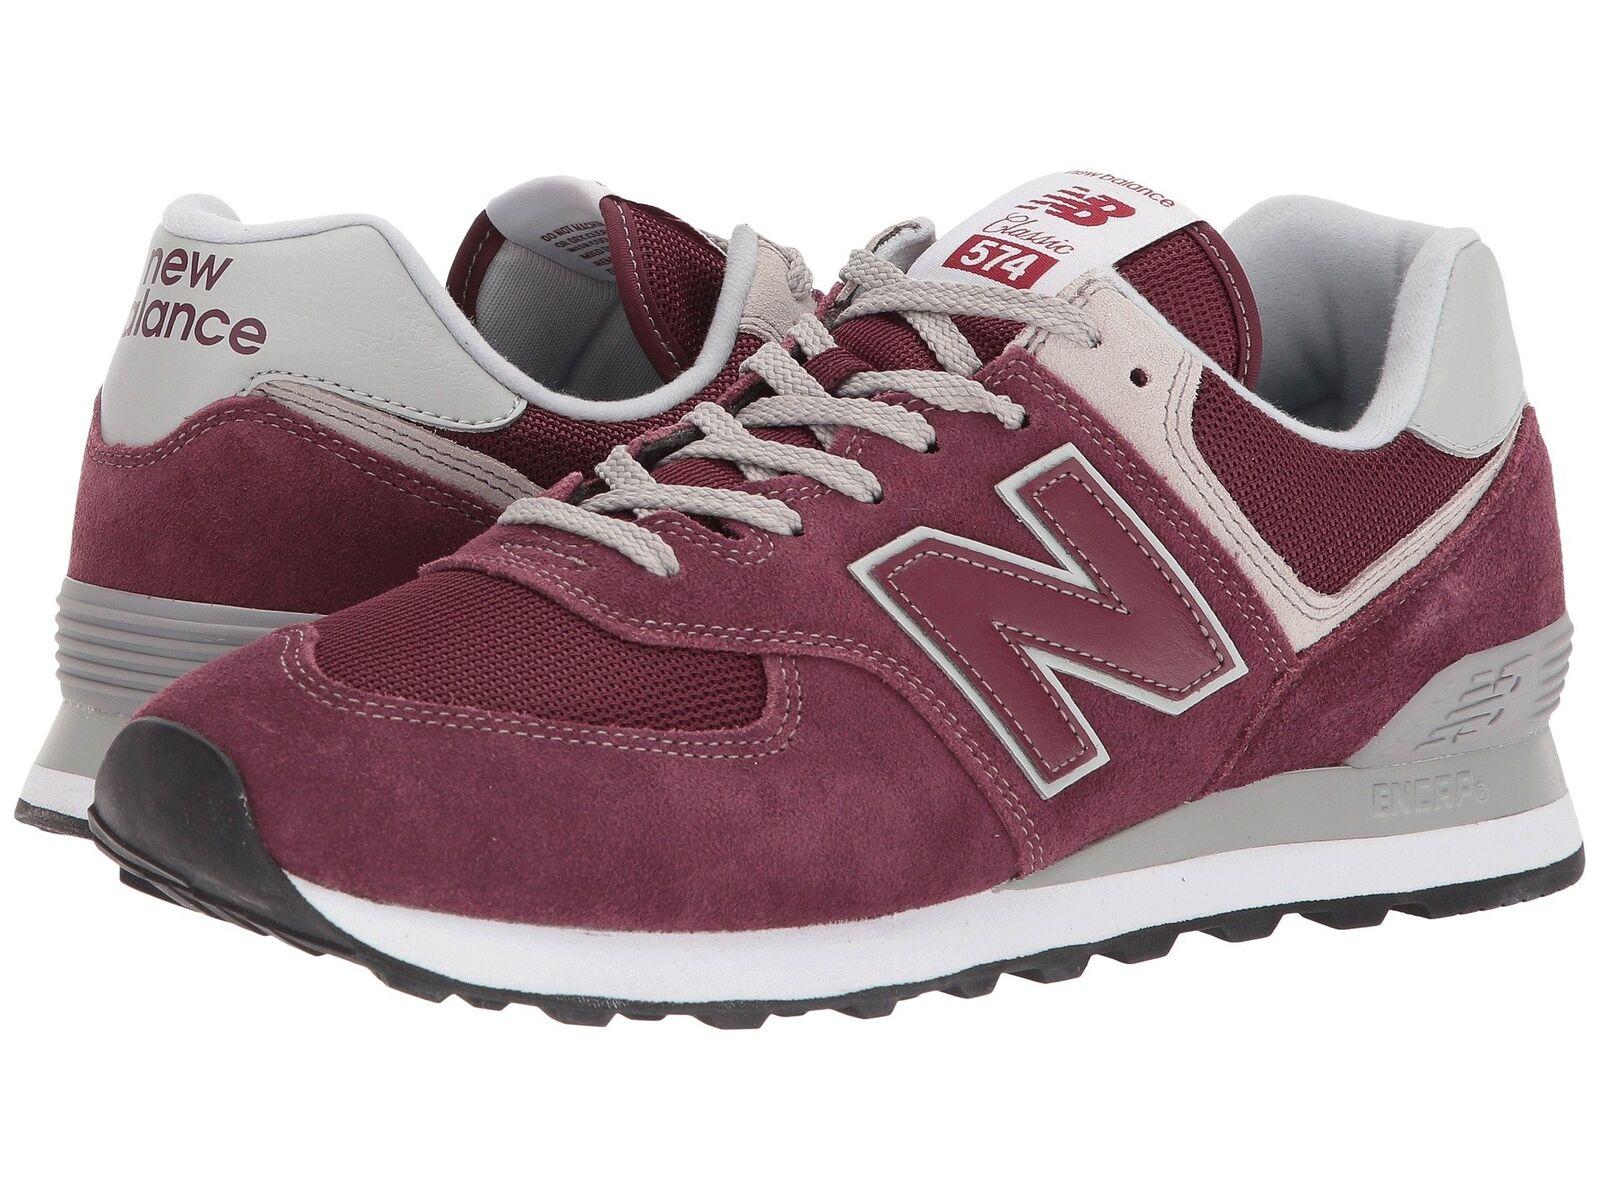 Nuovo equilibrio borgogna moda maschile scarpe 574 borgogna equilibrio ml574egb 57fb8a